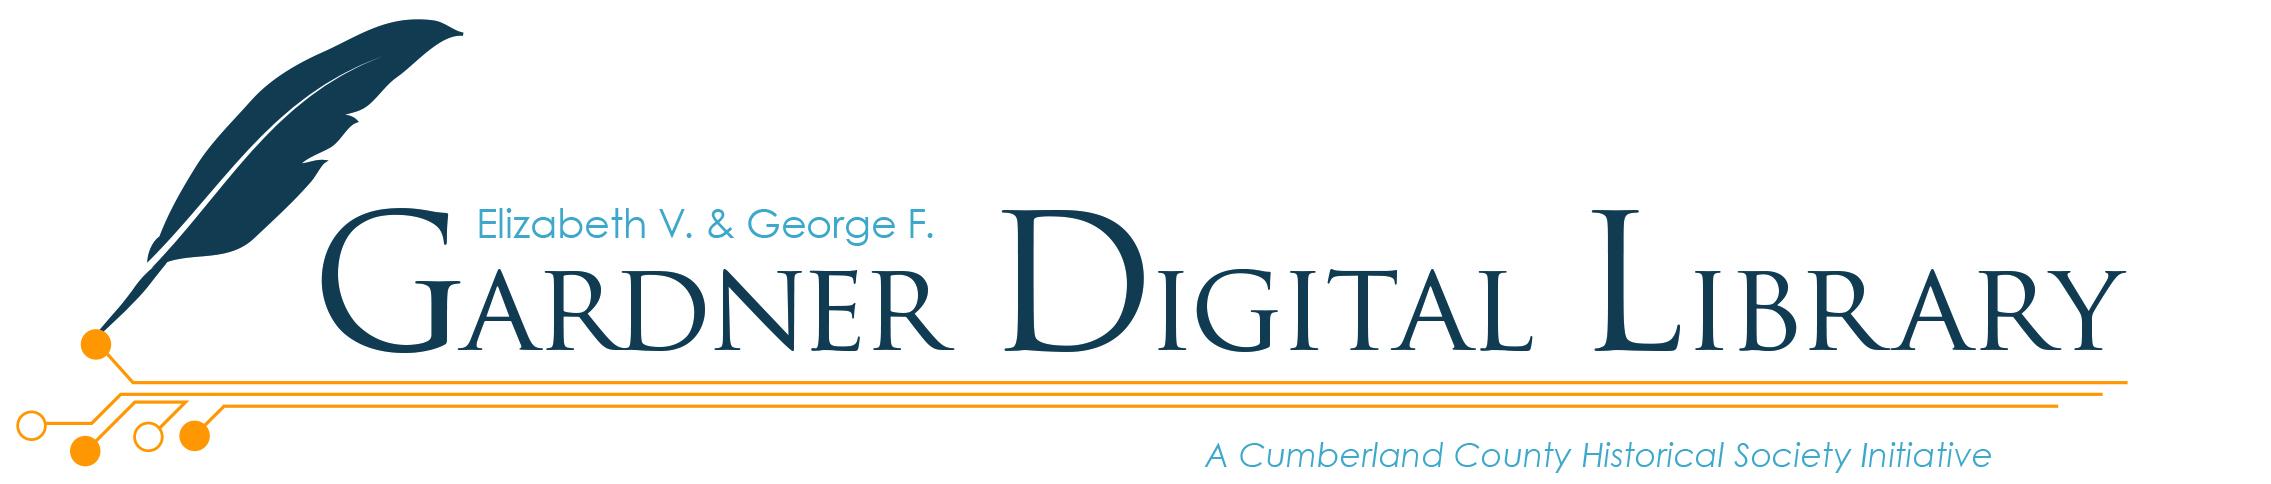 Gardner full color logo